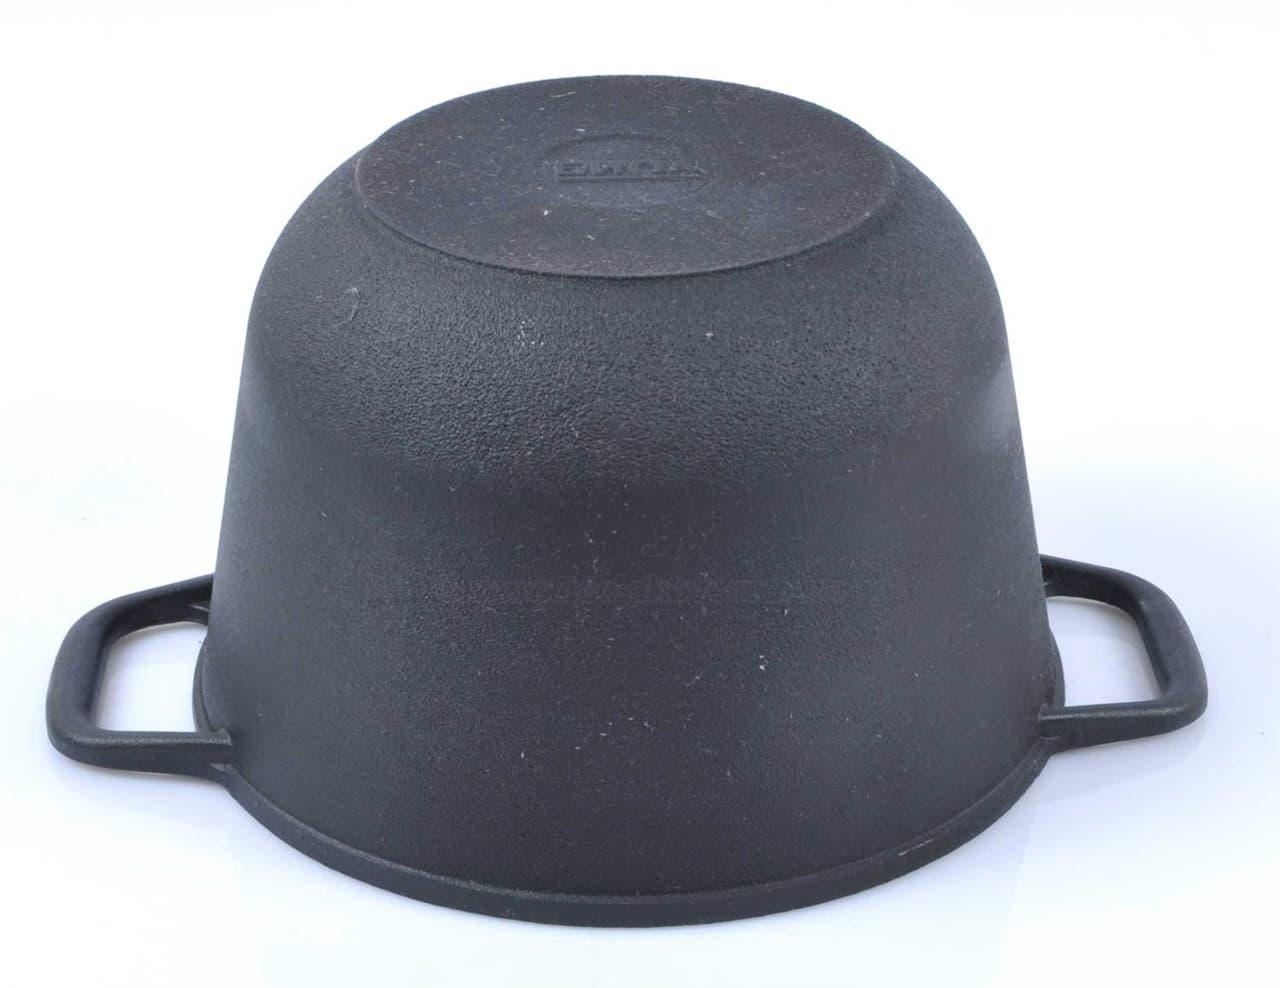 Кастрюля чугунная 6 л. с крышкой сковородой БИОЛ 0206 - фото 5397